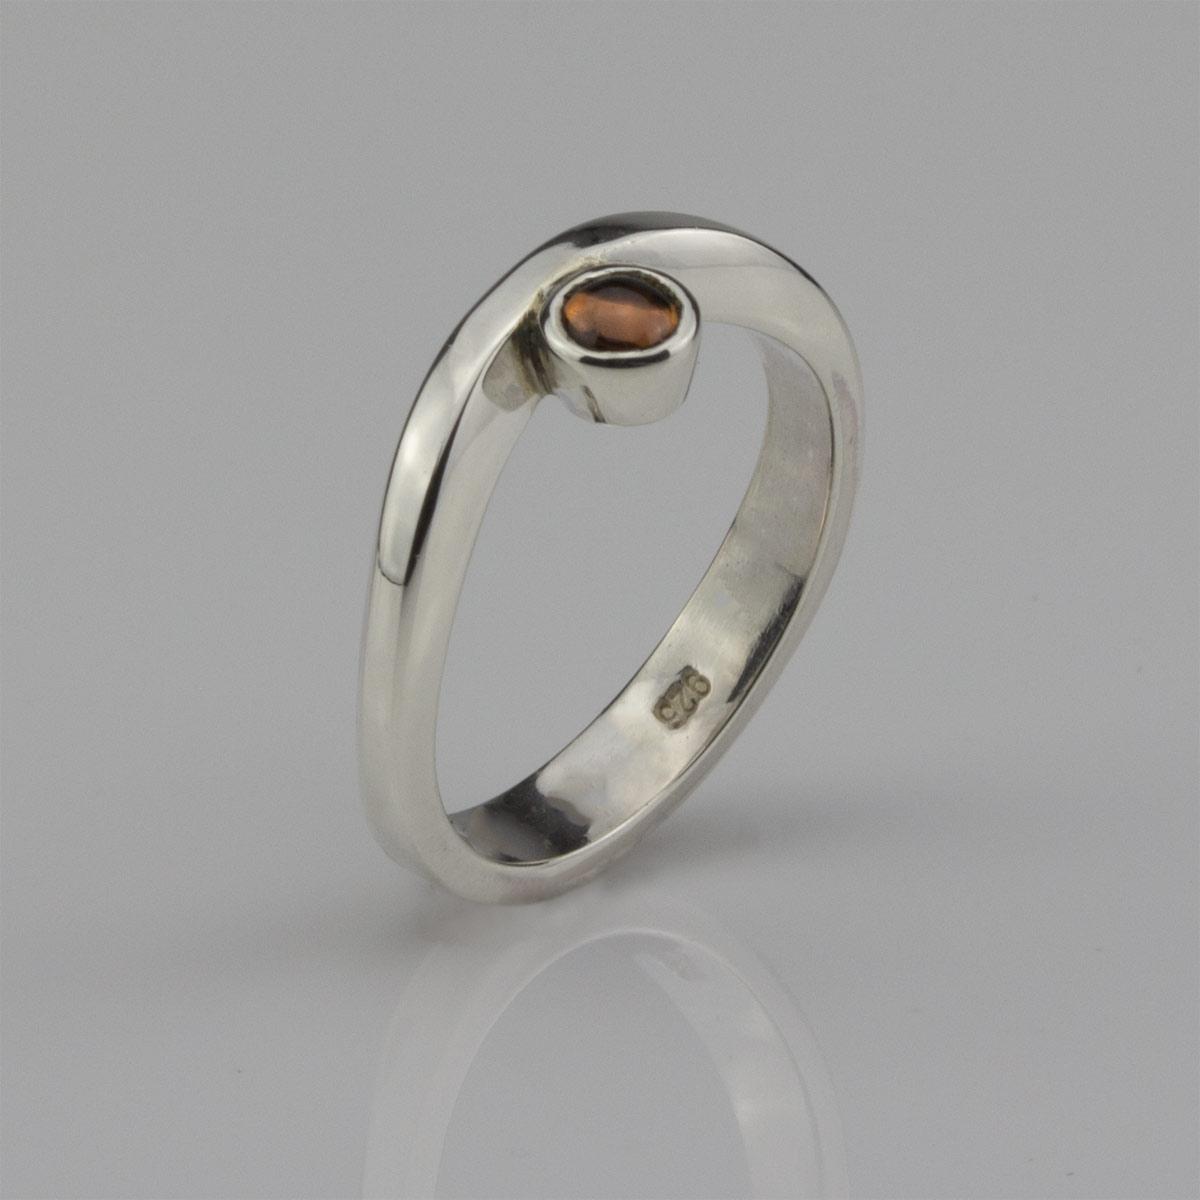 Ring-Silber-Granat